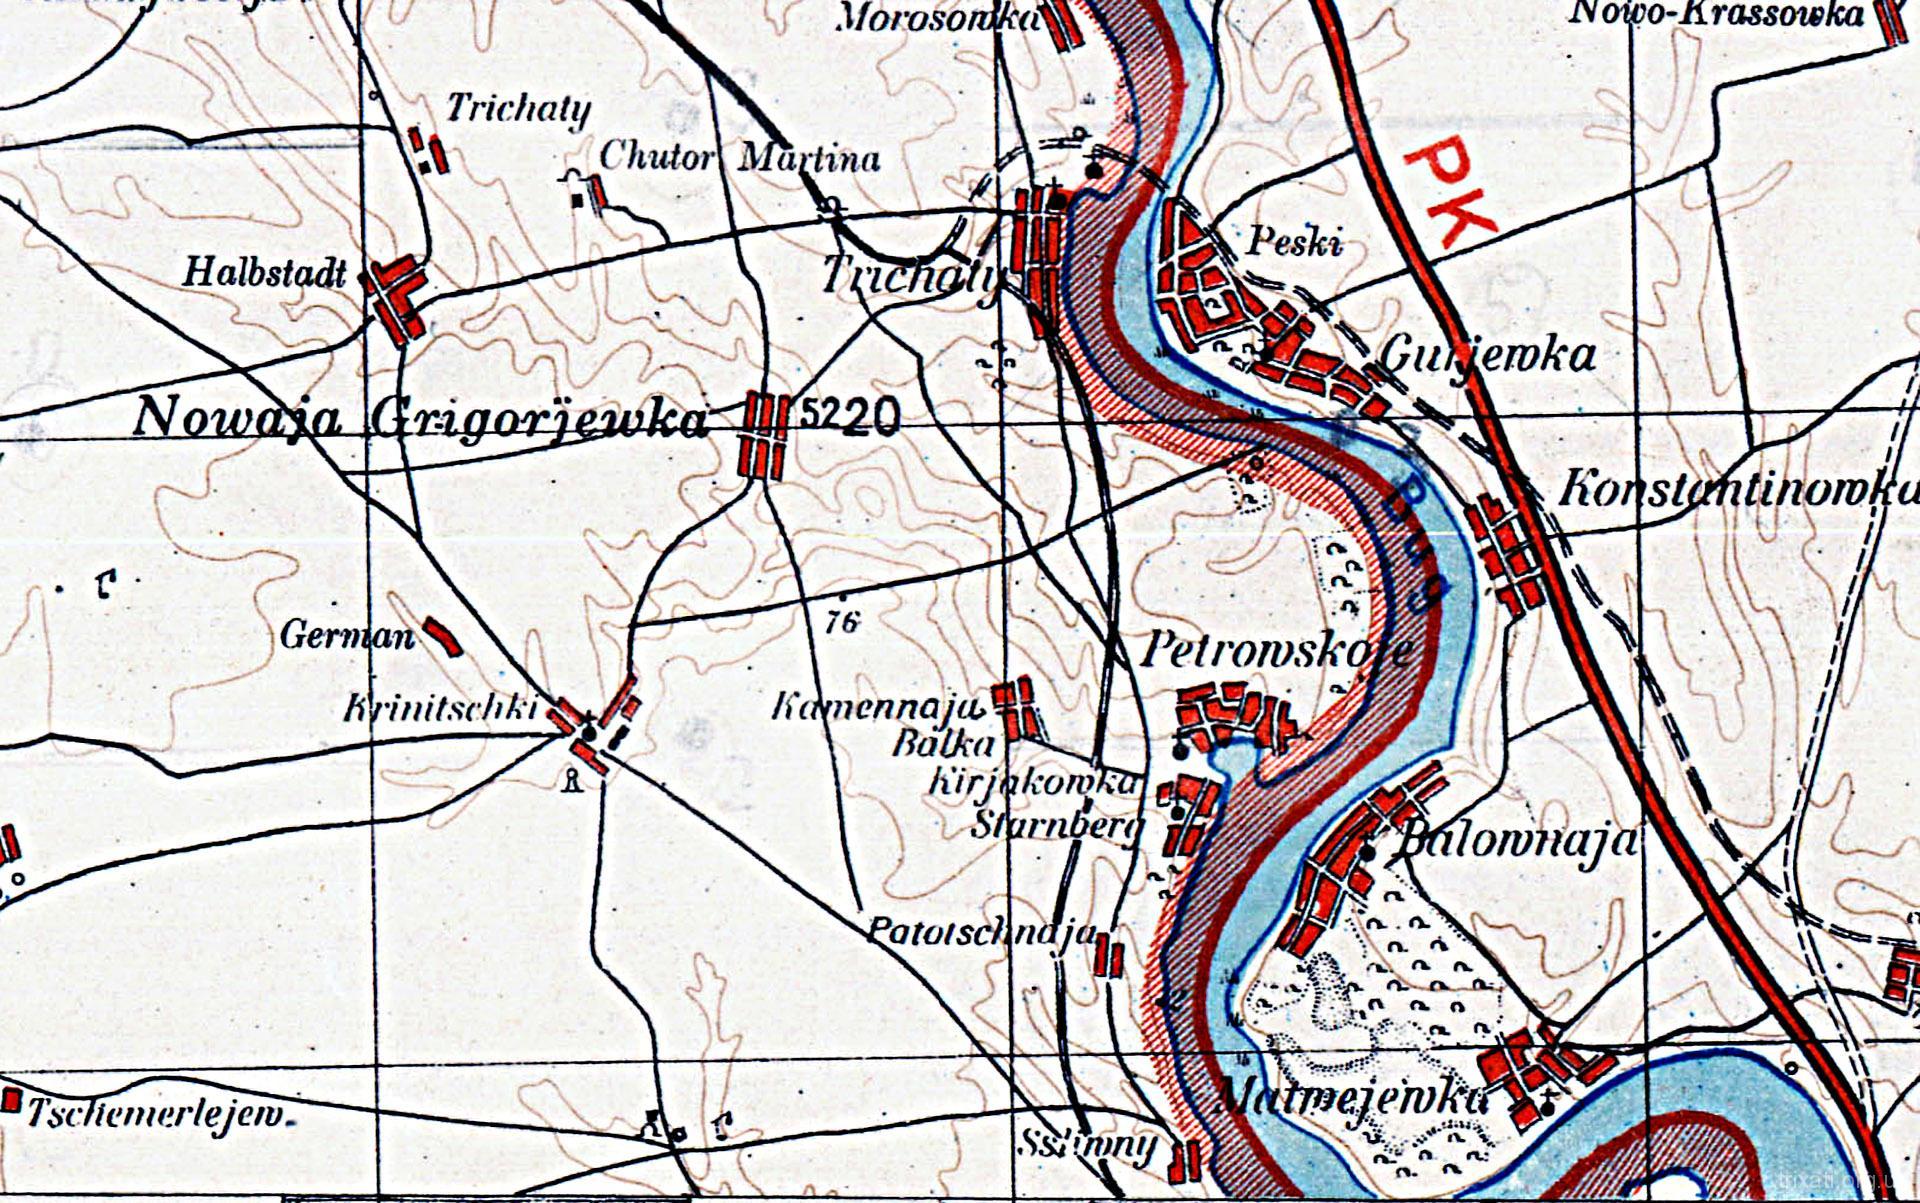 Шлях вузькоколейки на німецькій мапі